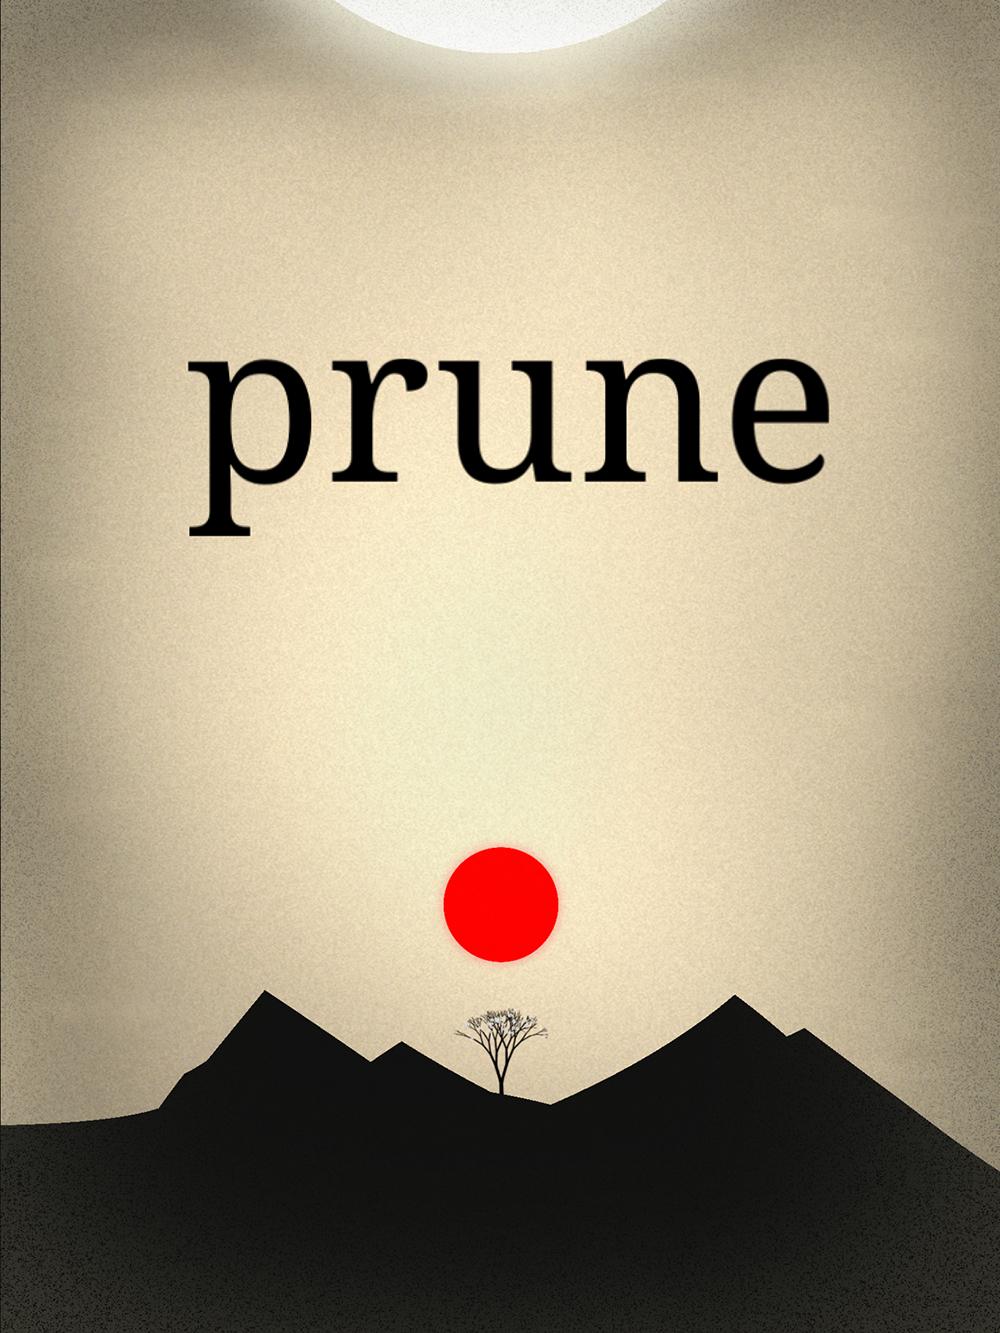 Cover: Ein stilisierter Baum wächst in Richtung Sonne in einer kargen Umgebung.